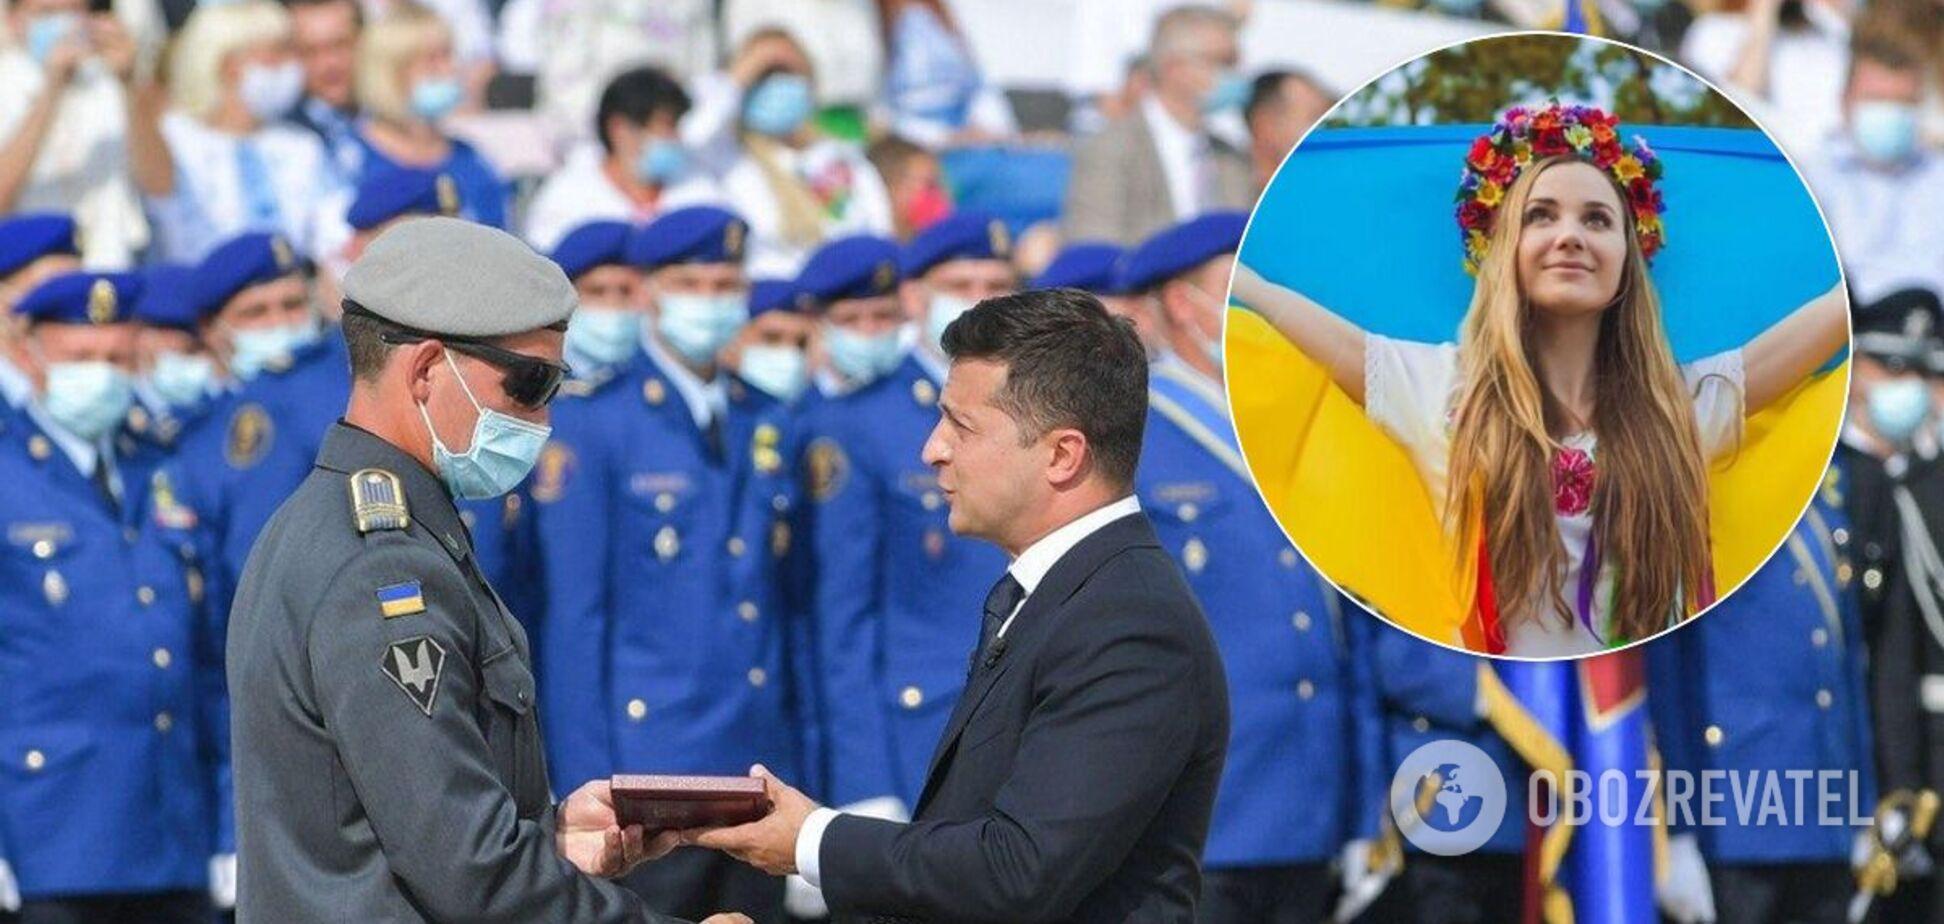 Украина отпраздновала День Независимости: все подробности, фото и видео